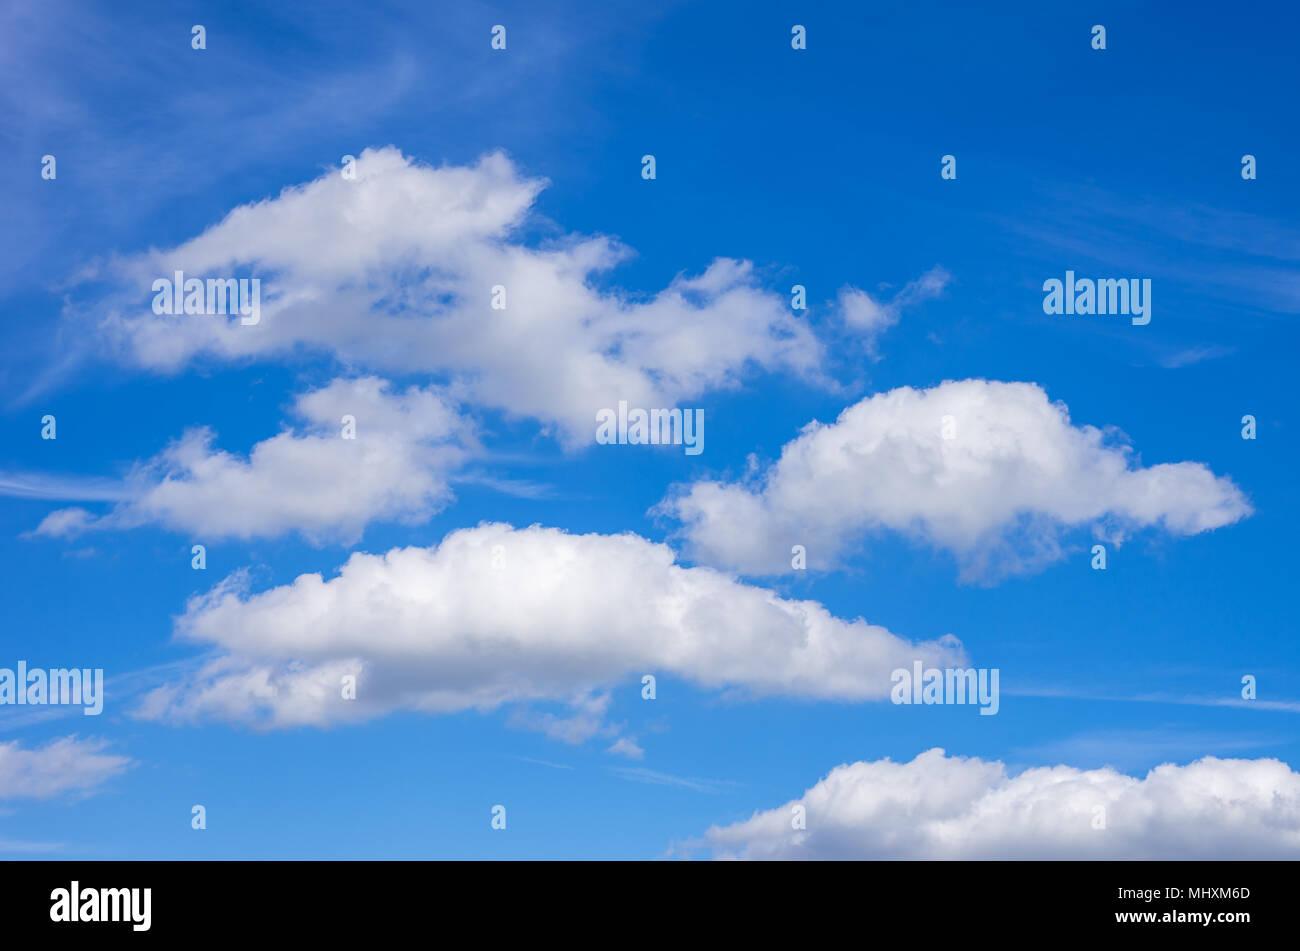 Die wolkenbildung gegen den blauen Himmel. Stockfoto